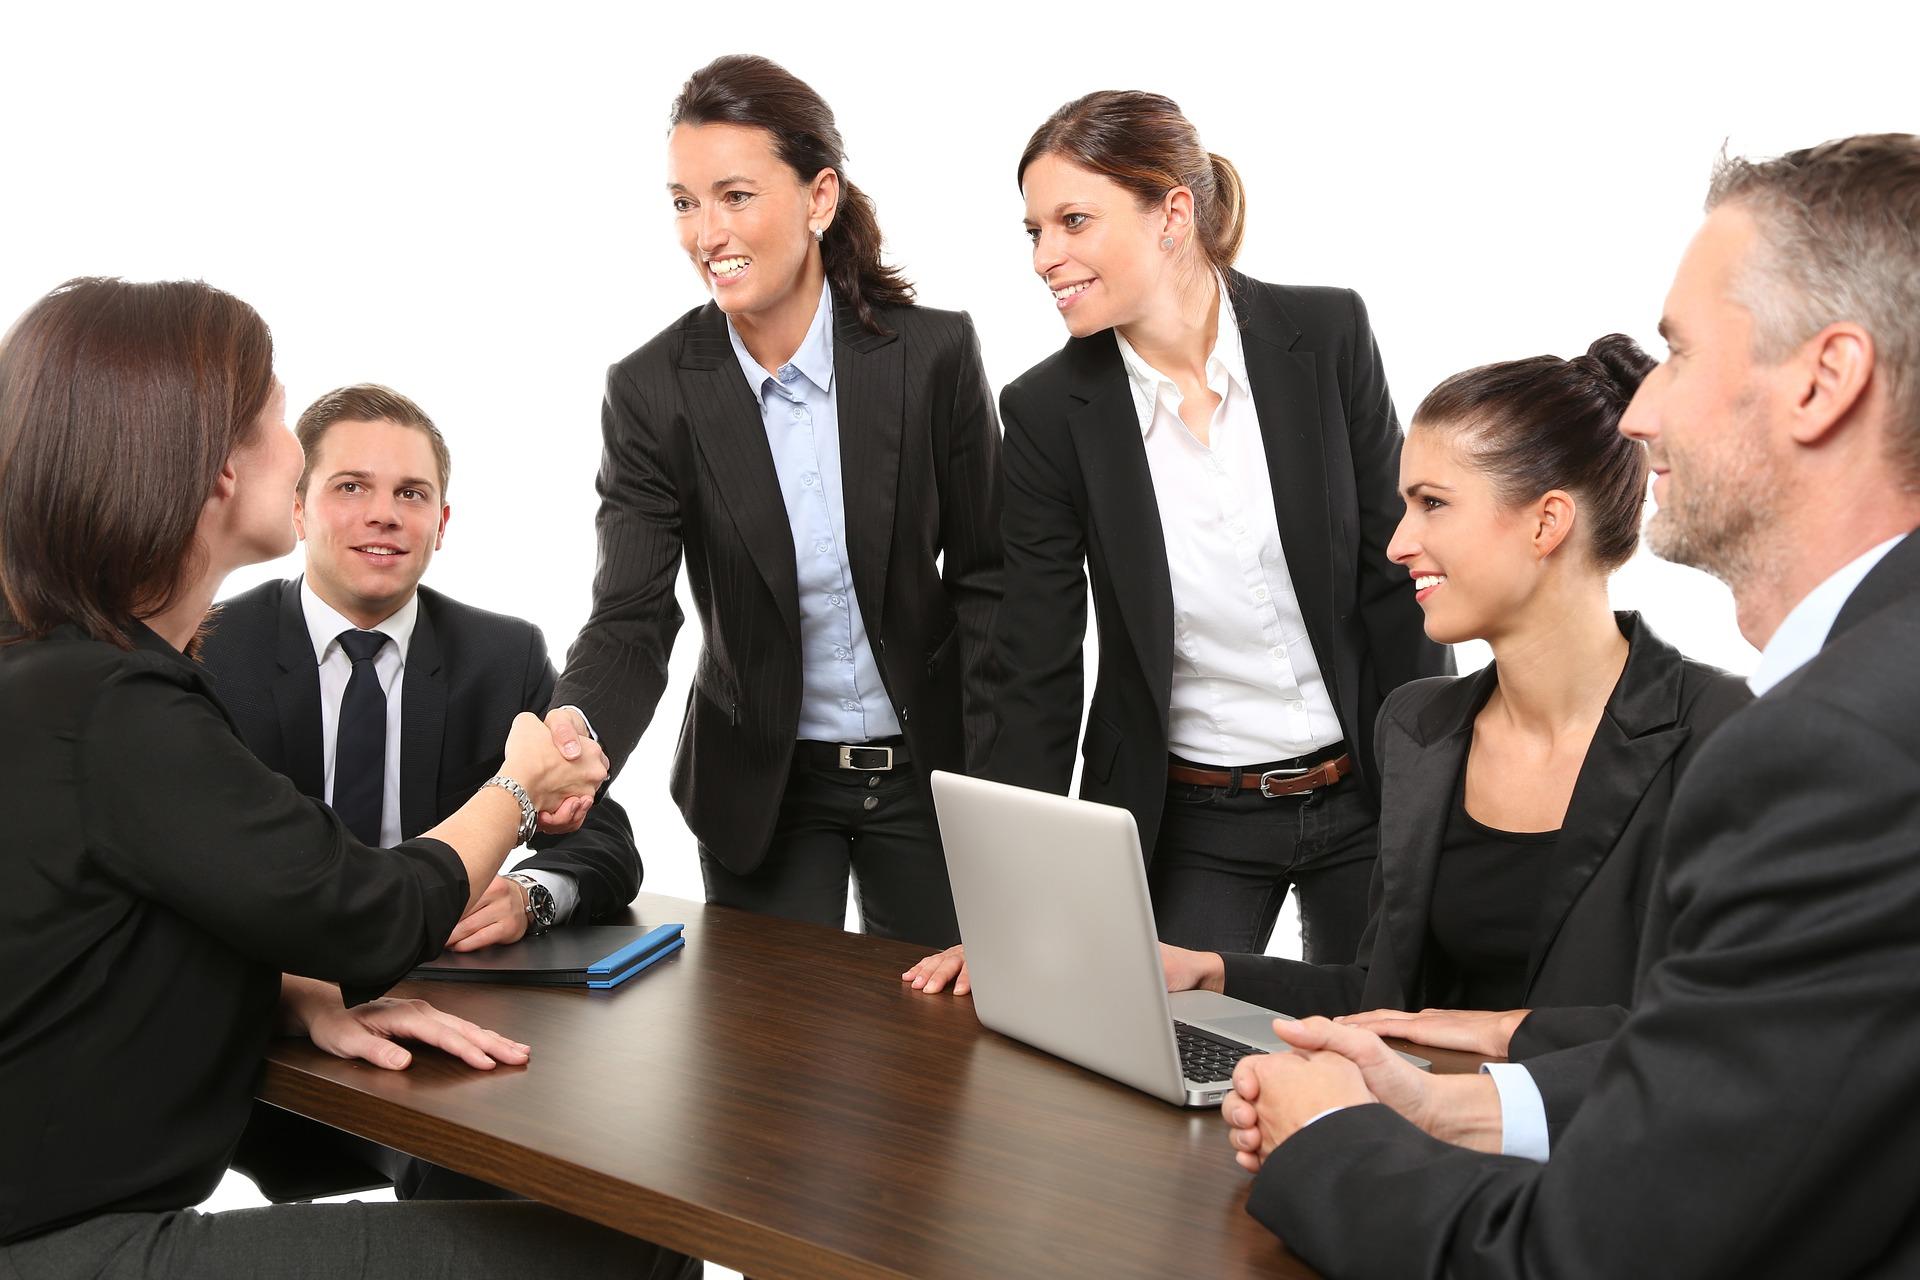 2BM tilbyder en S/4HANA foranalyse samt kyndig hjælp til SAP